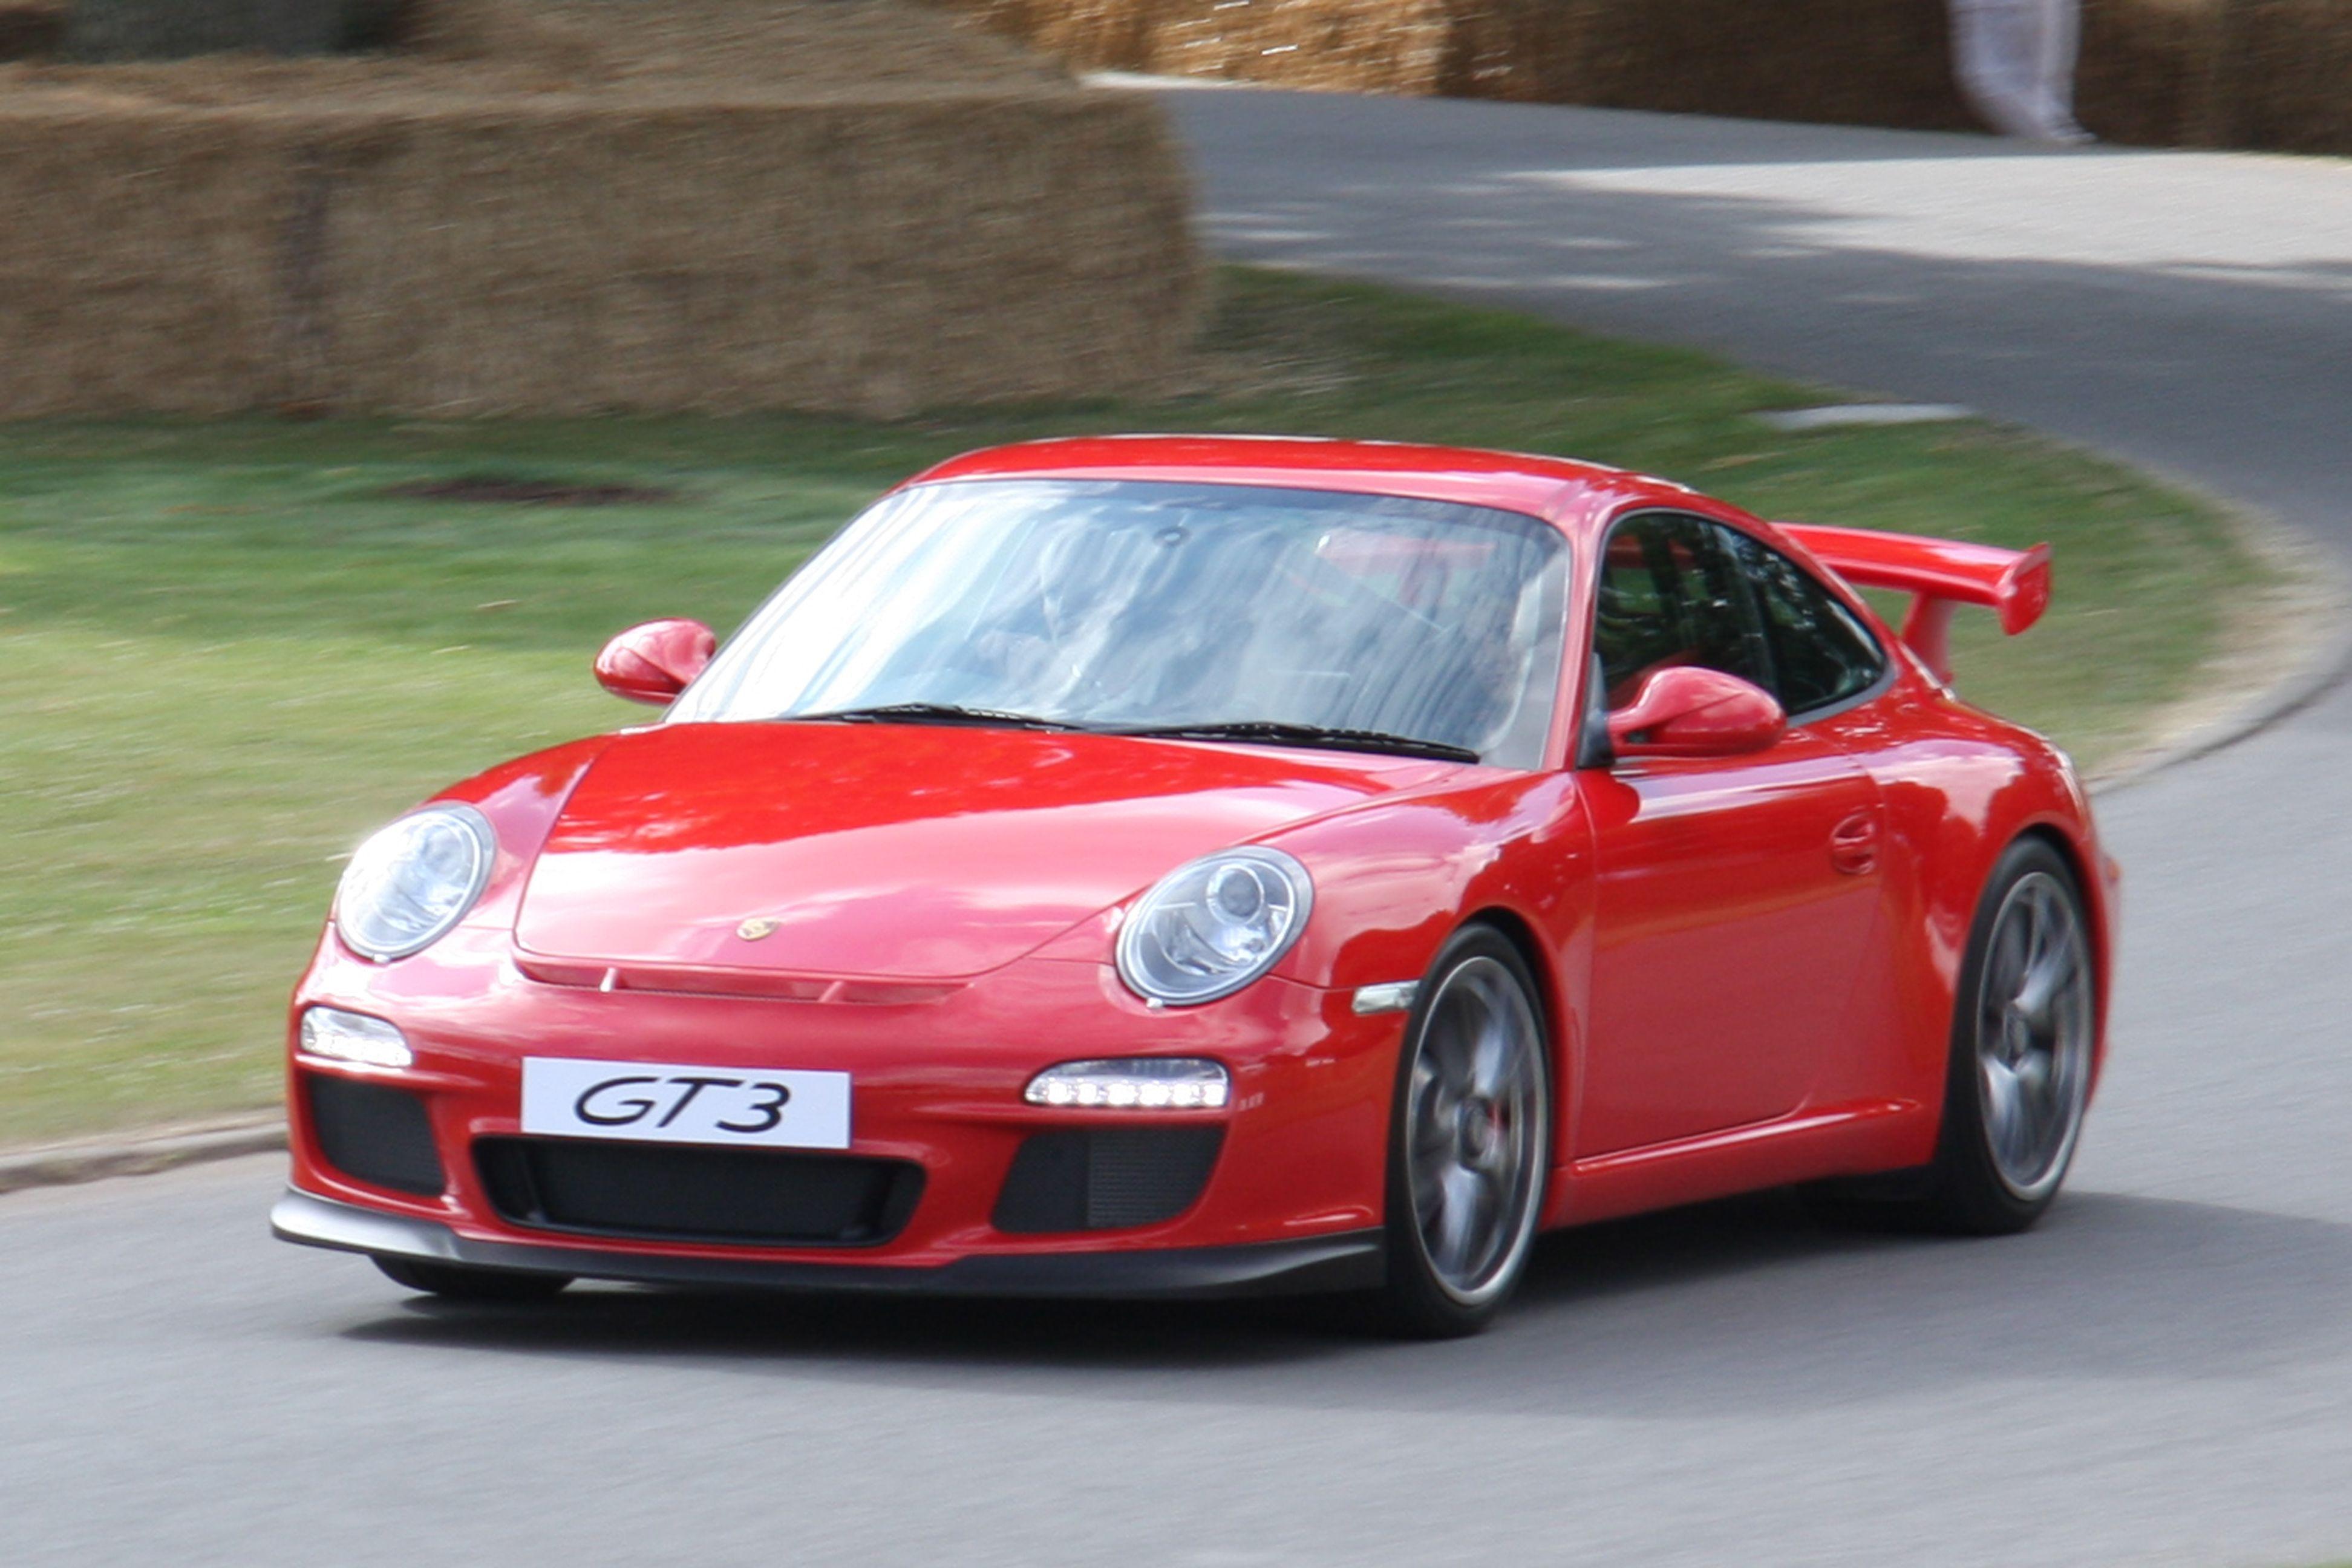 Explore porsche 911 gt3 porsche carrera and more